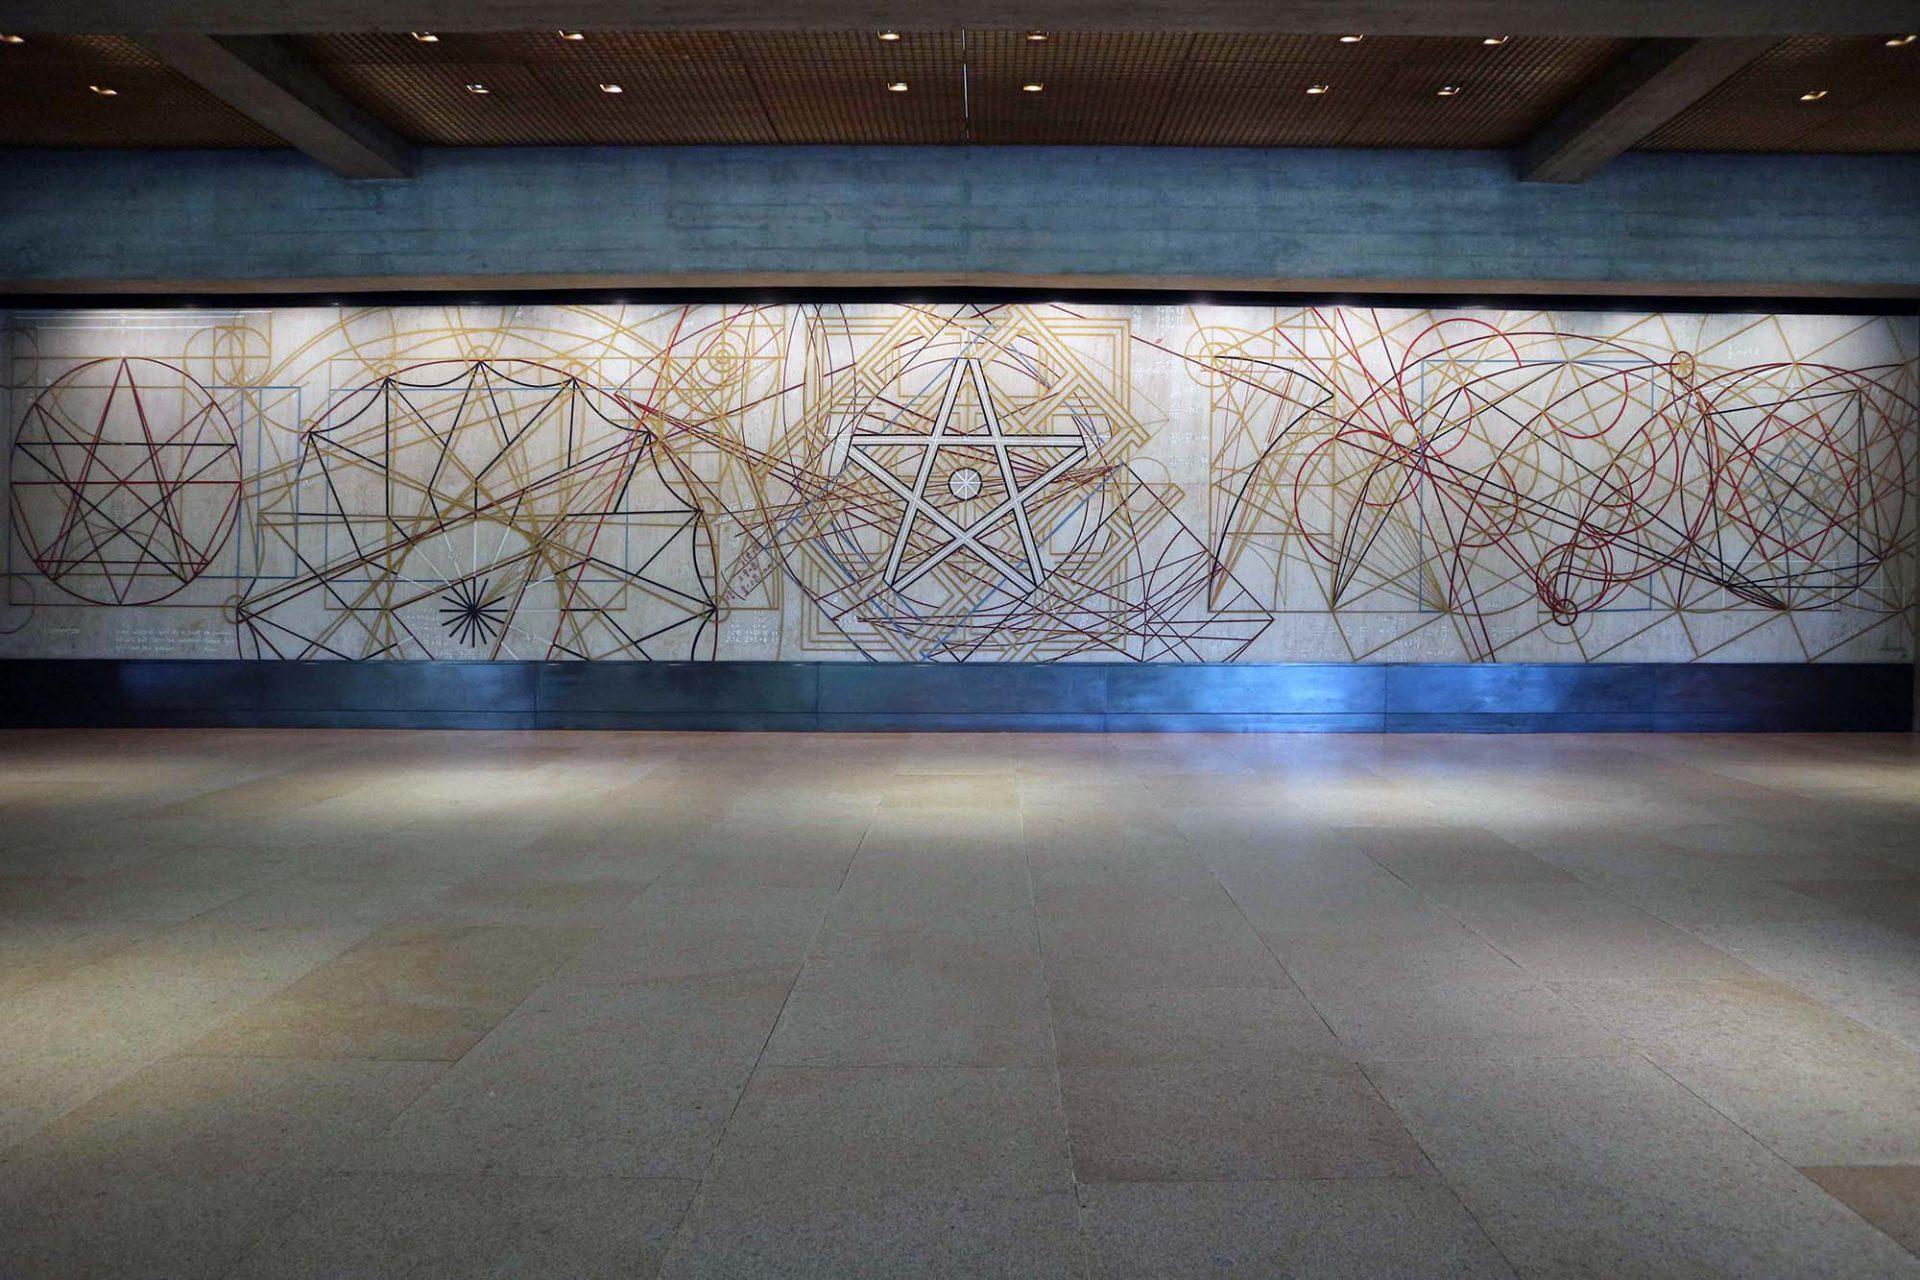 Der Stiftungssitz. Kunst ist überall gegenwärtig. Im Haupteingang der Stiftung hängt seit 1969 die grafische Komposition